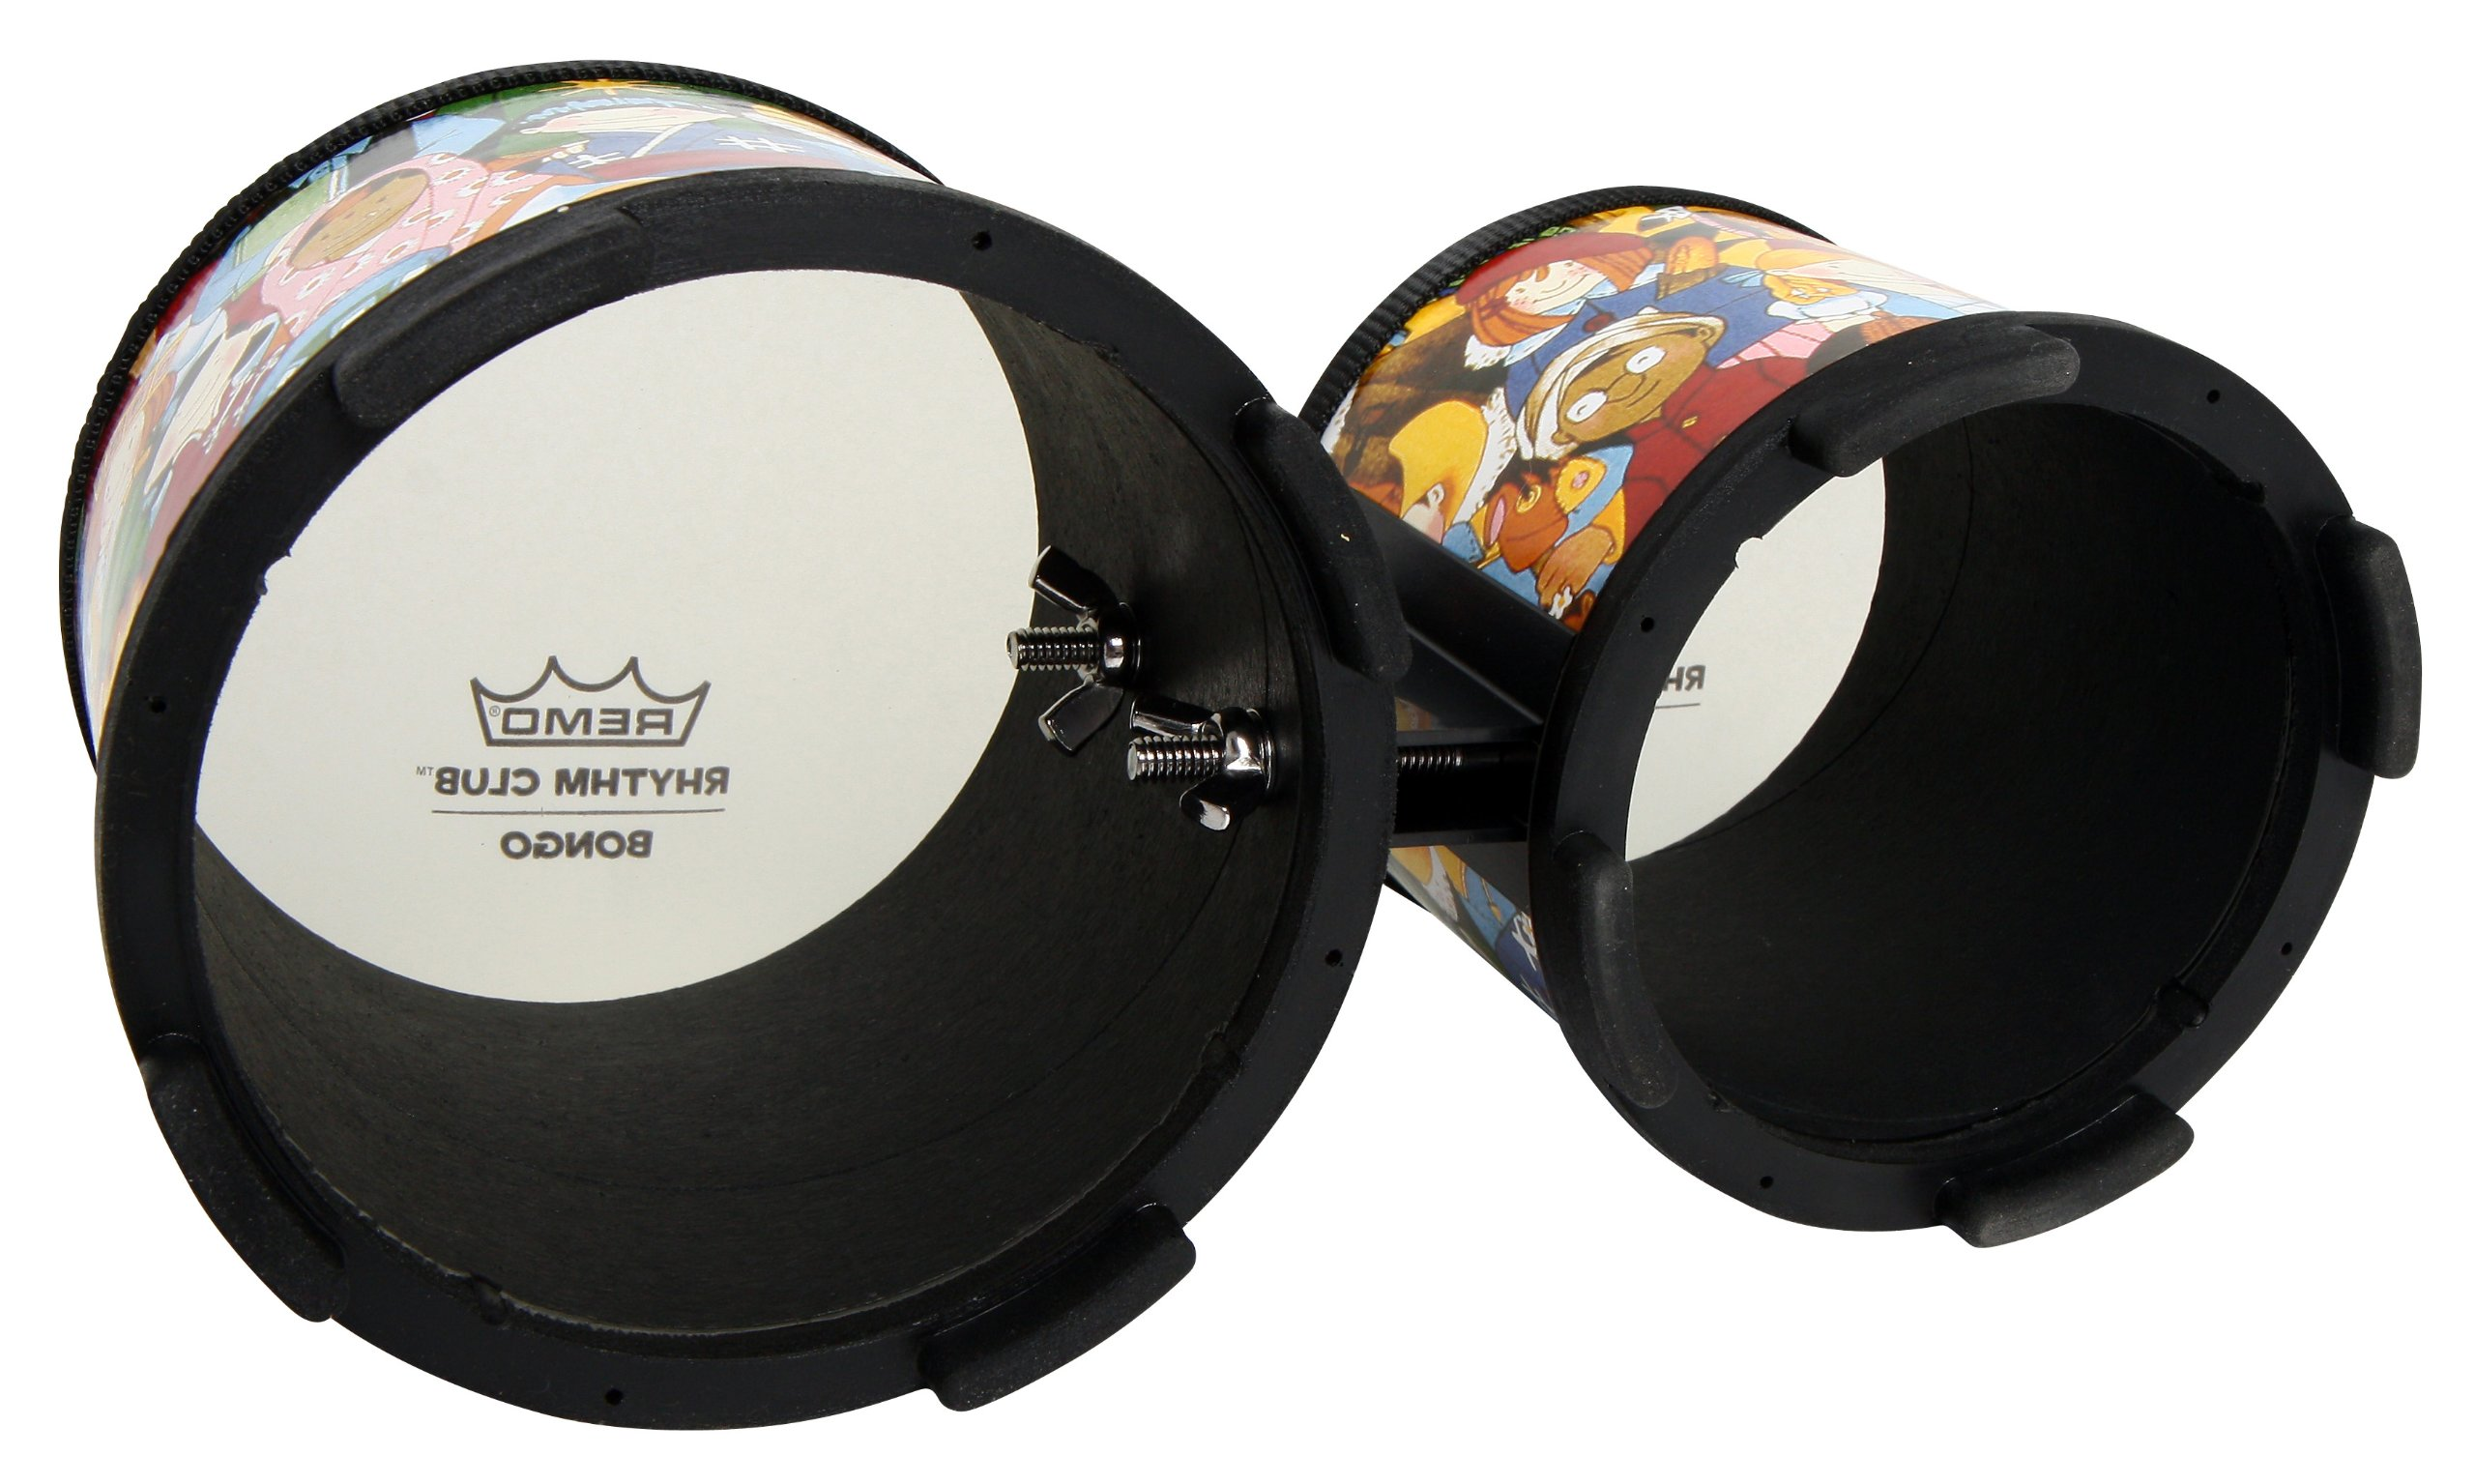 Remo RH-5600-00 Rhythm Club Bongo Drum - Rhythm Kids, 5''-6'' by Remo